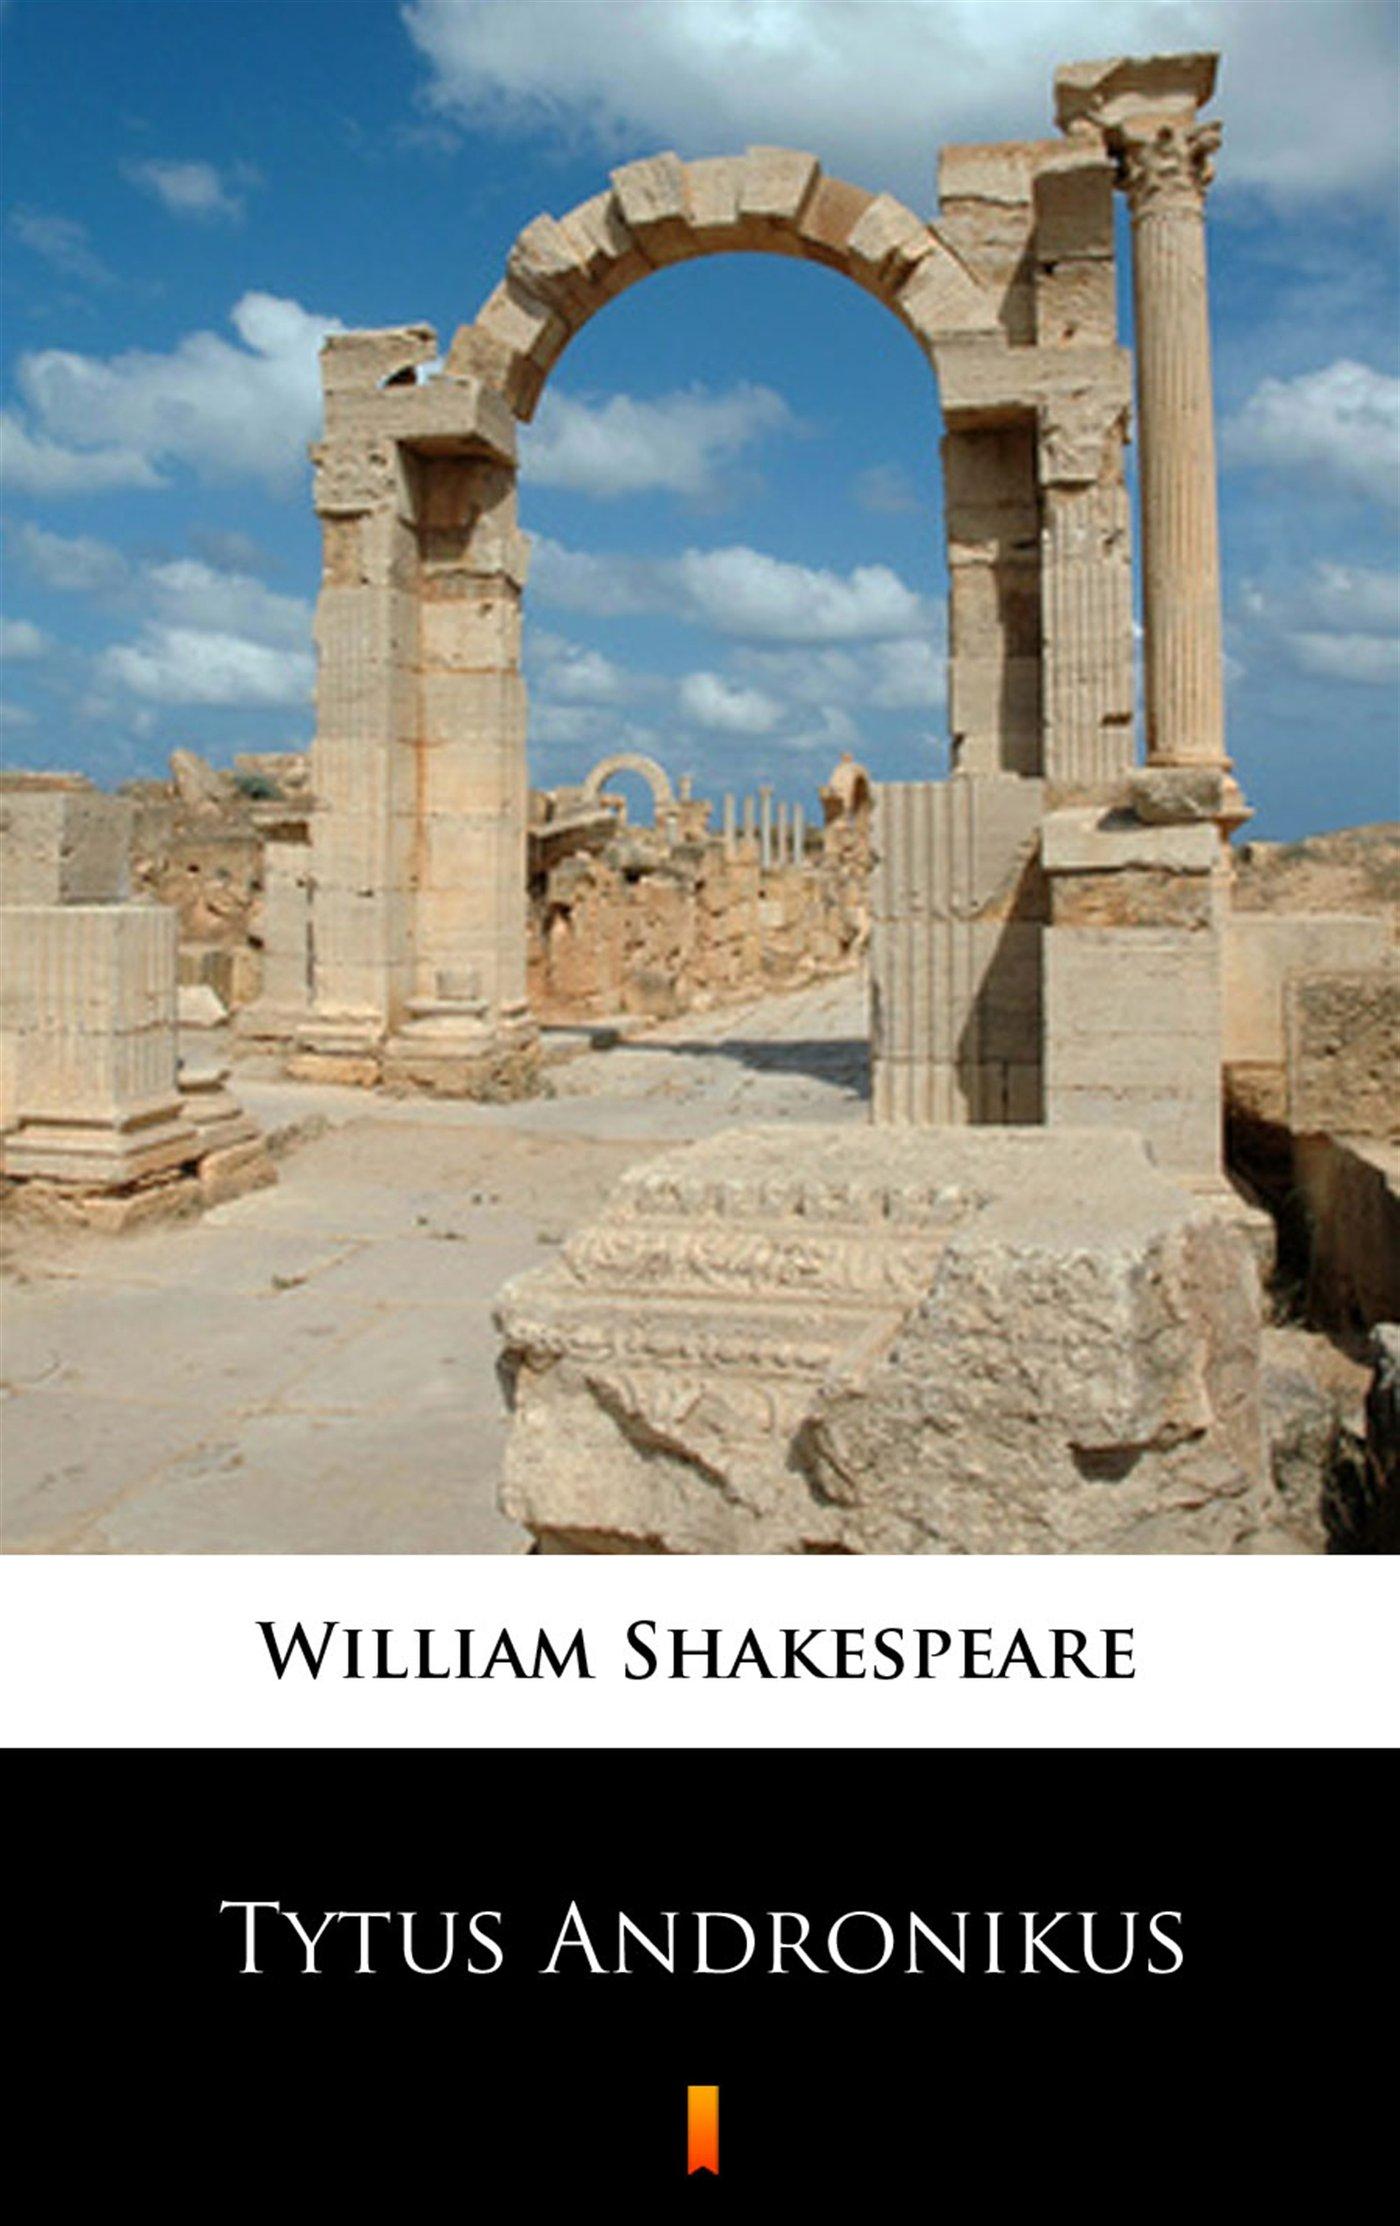 Tytus Andronikus - Ebook (Książka na Kindle) do pobrania w formacie MOBI